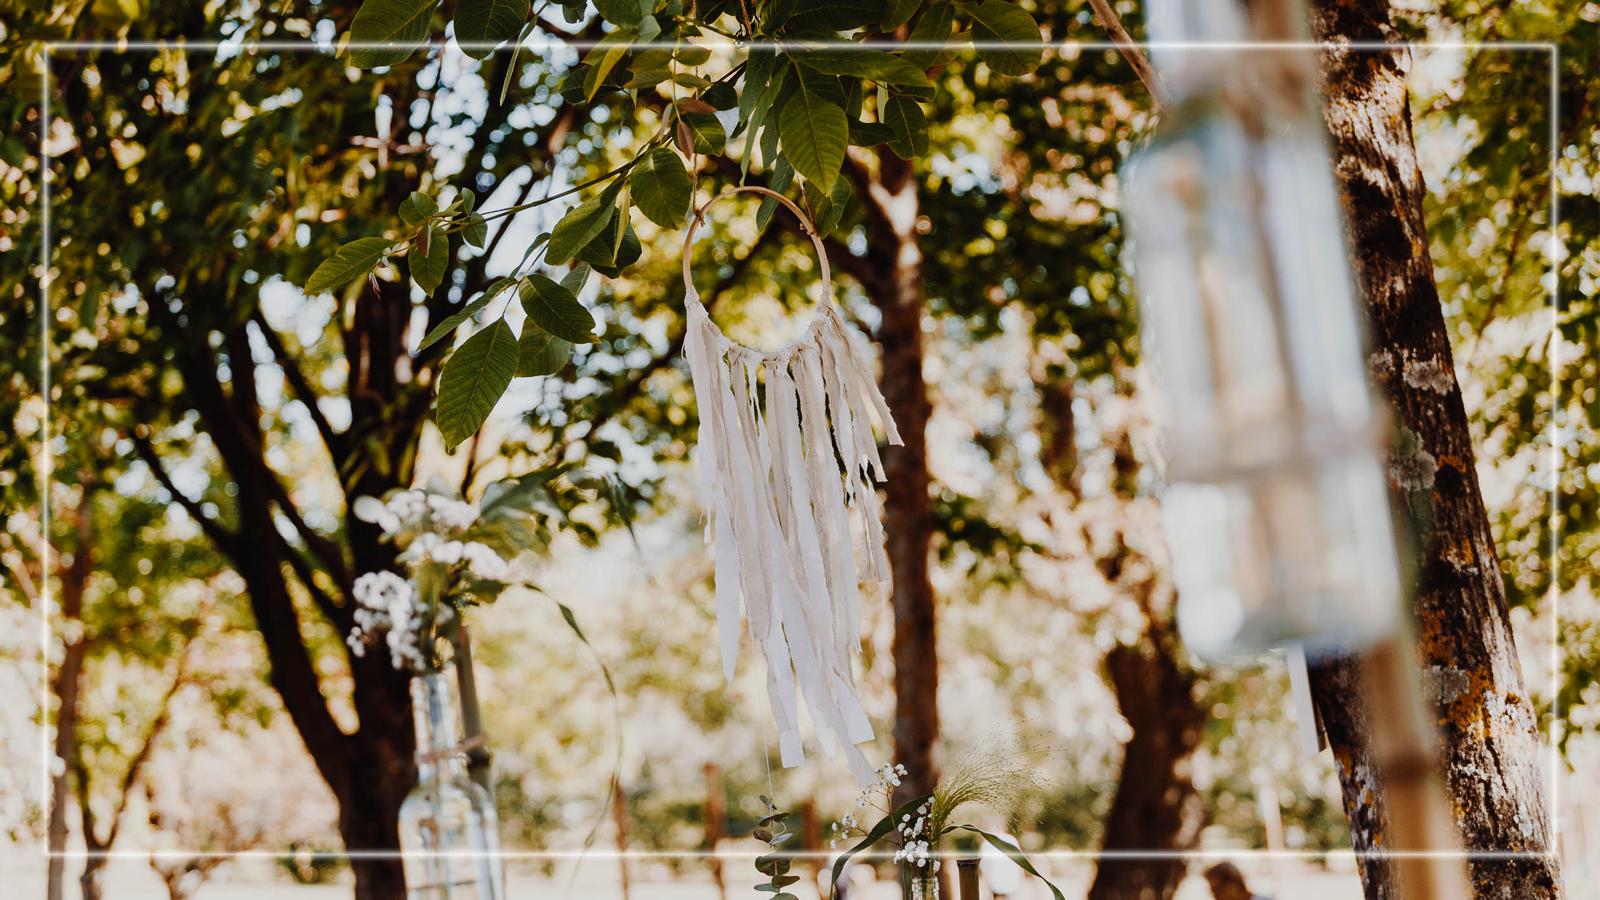 L'oeil de Noémie meilleur photographe de mariage en Auvergne, France, en 2017. Mariage chic et champêtre.